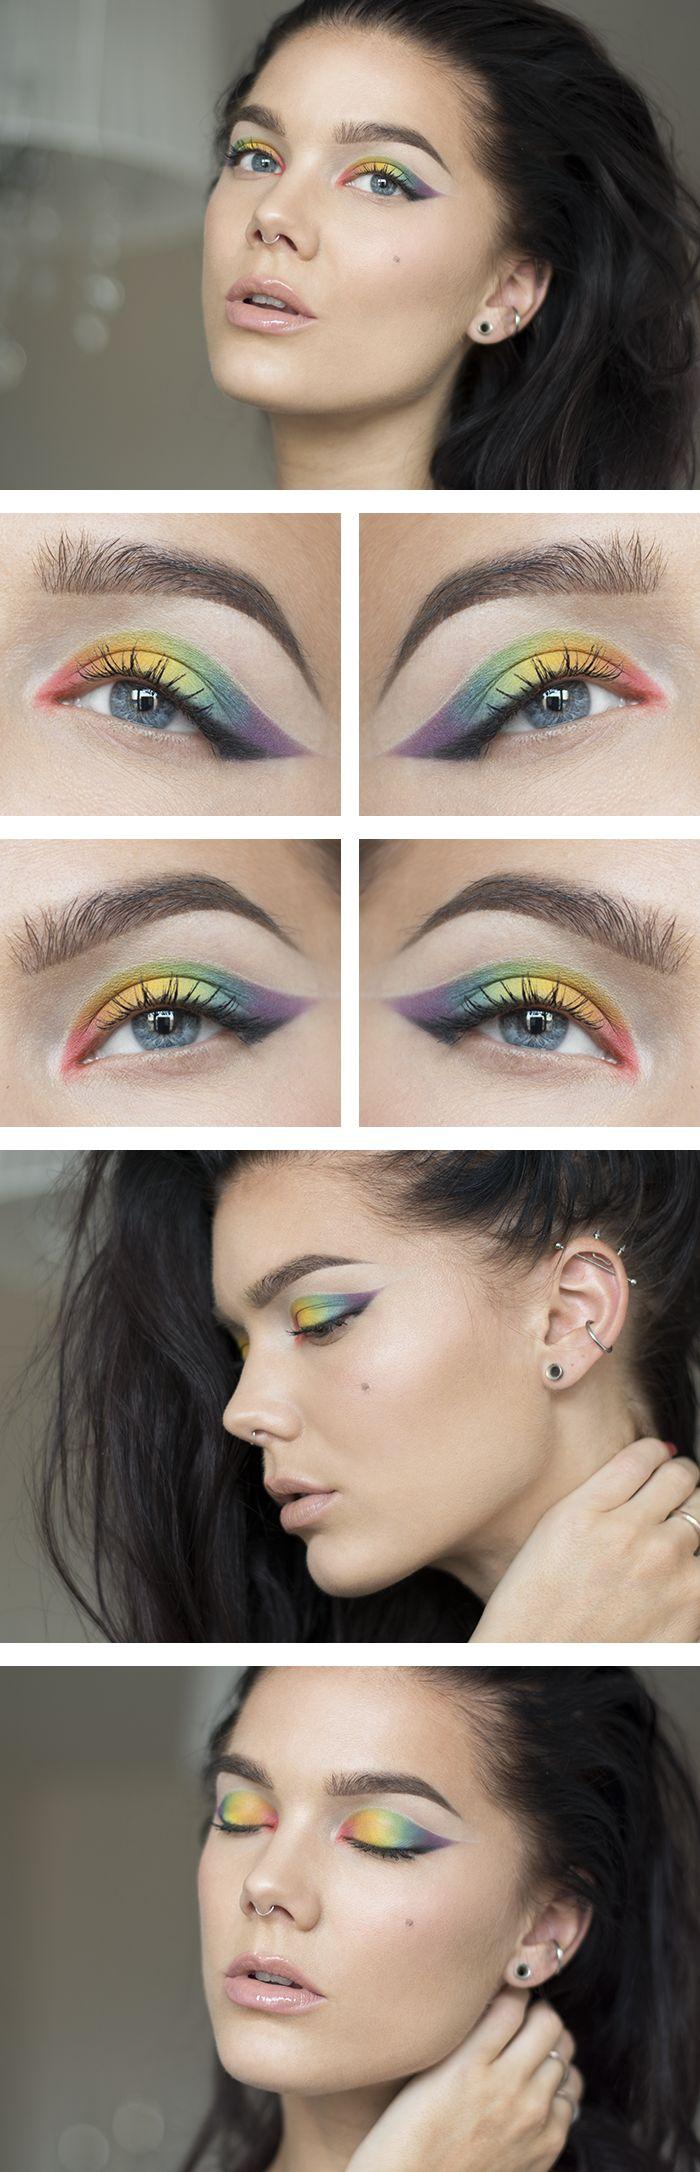 Mirada de hoy - Como un arco iris